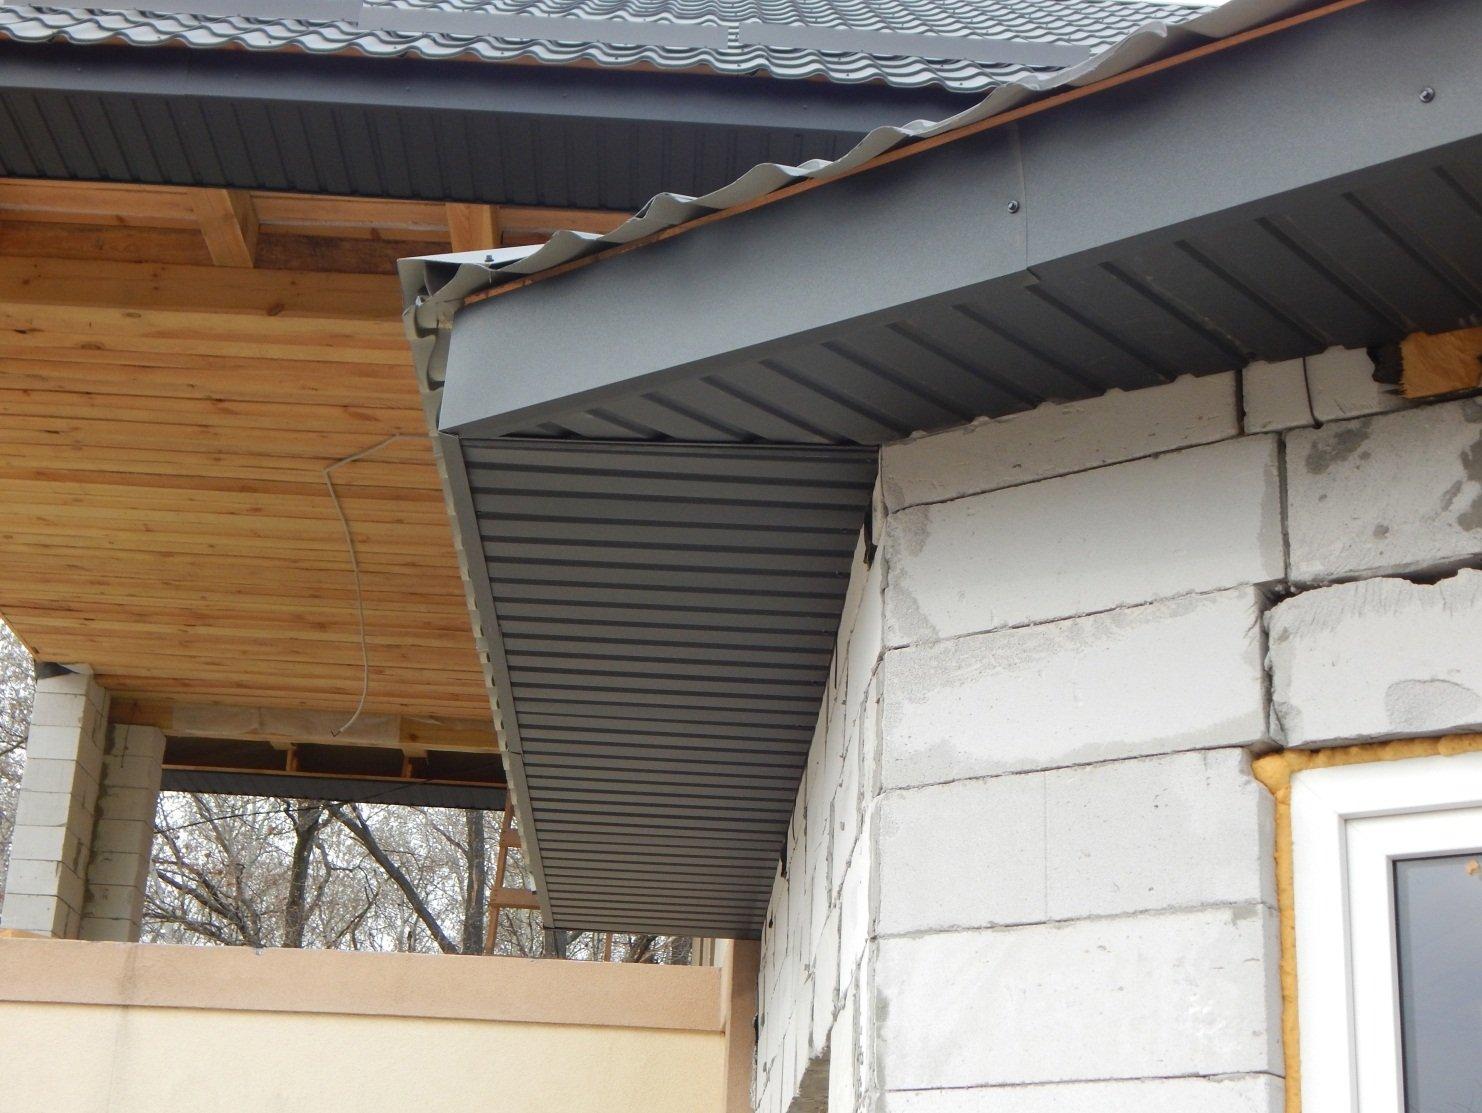 Подшивка карнизов крыши: инструкция, материалы, инструменты 41